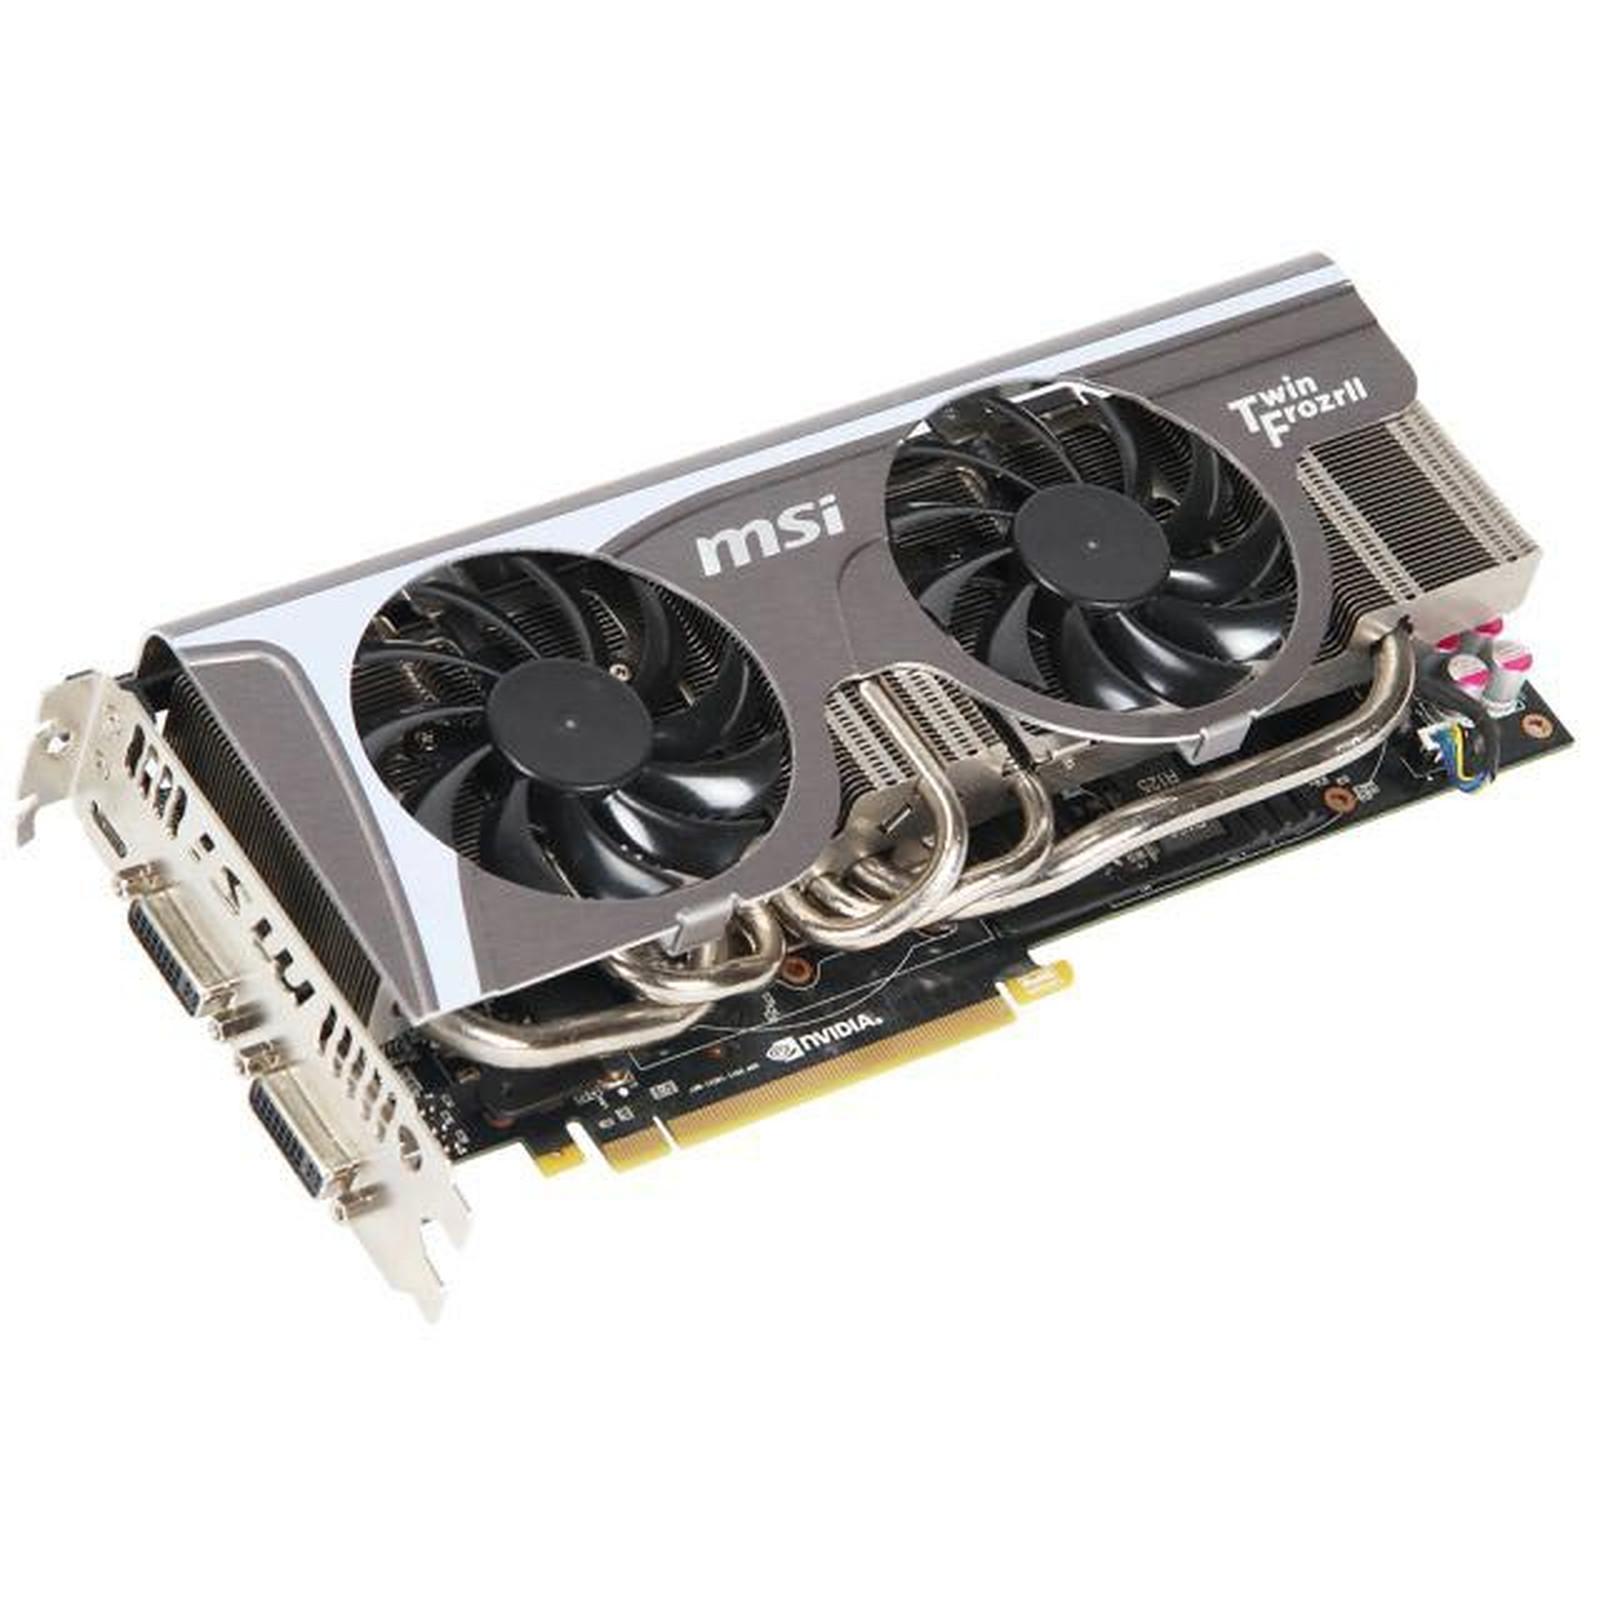 MSI N570GTX Twin Frozr II 1280 MB